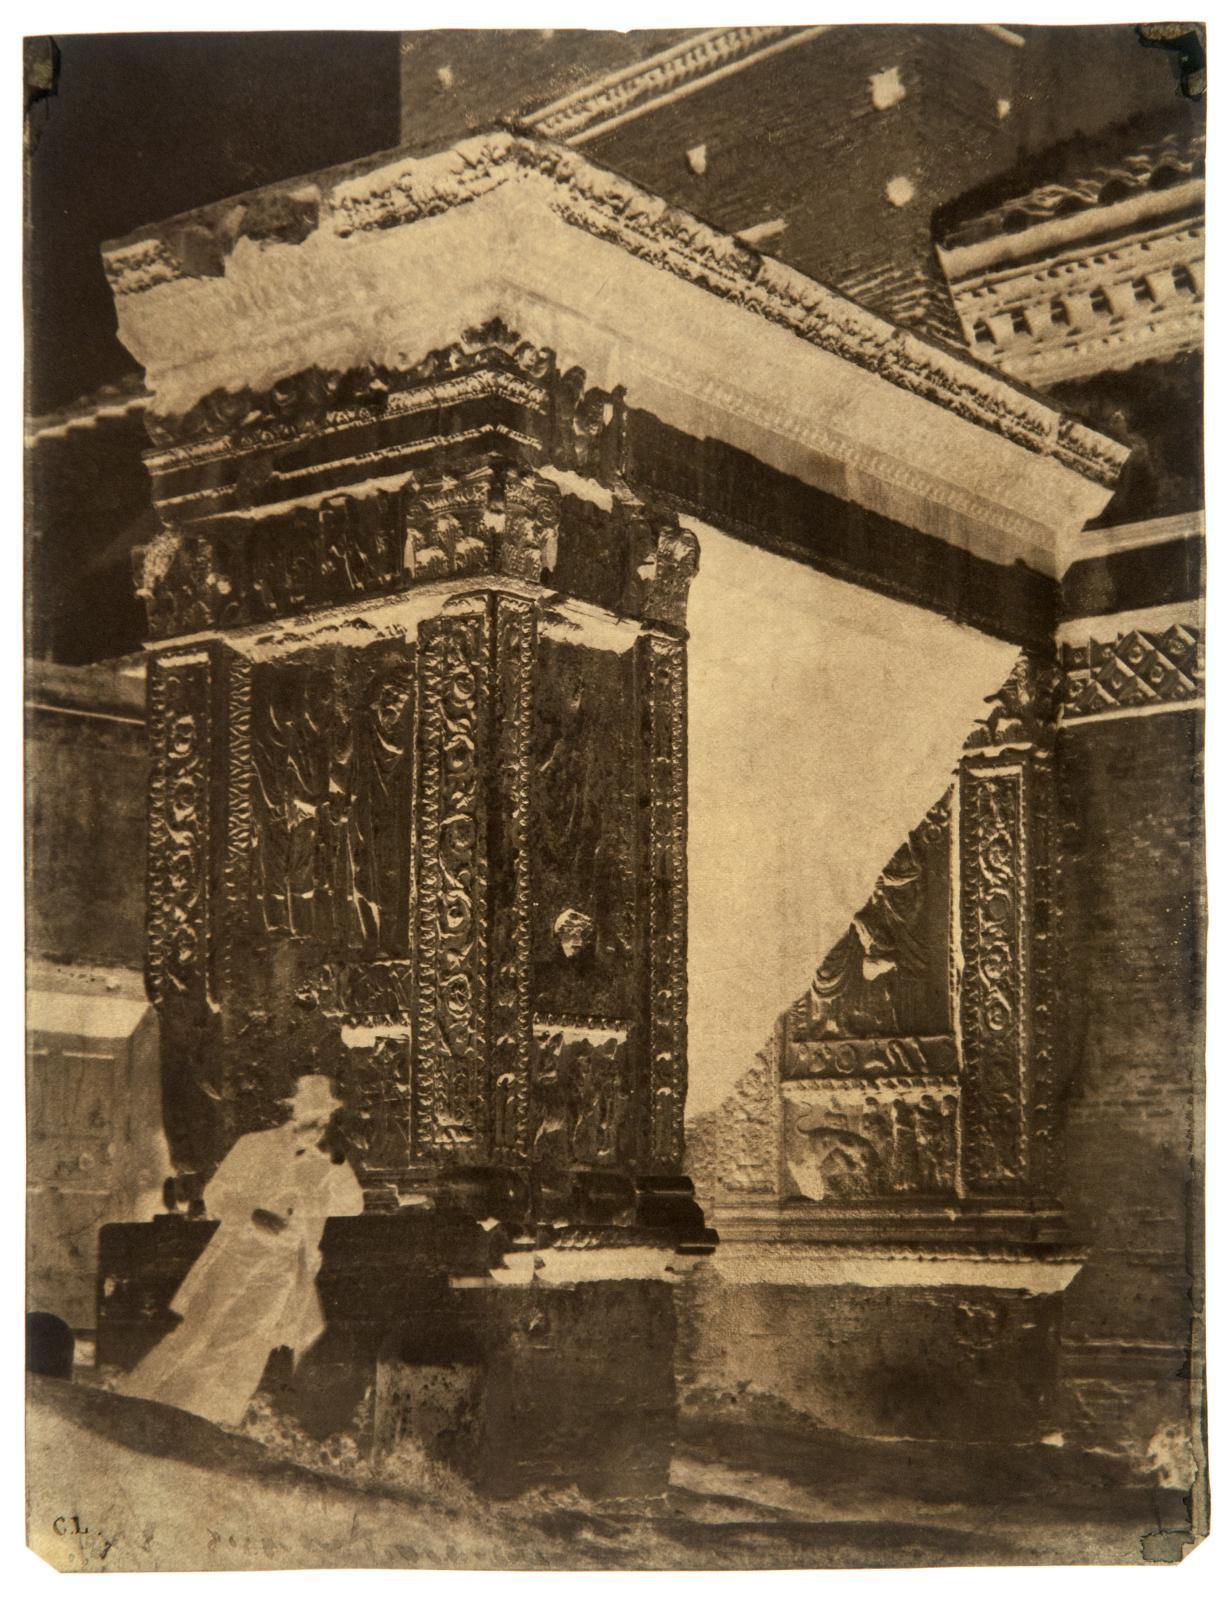 Vues de Rome, vers 1855, important ensemble de 114négatifs papier par C.l.Marseille, 21mai 2011. Leclere maison de ventes OVV. M.Benarroche. Adjug